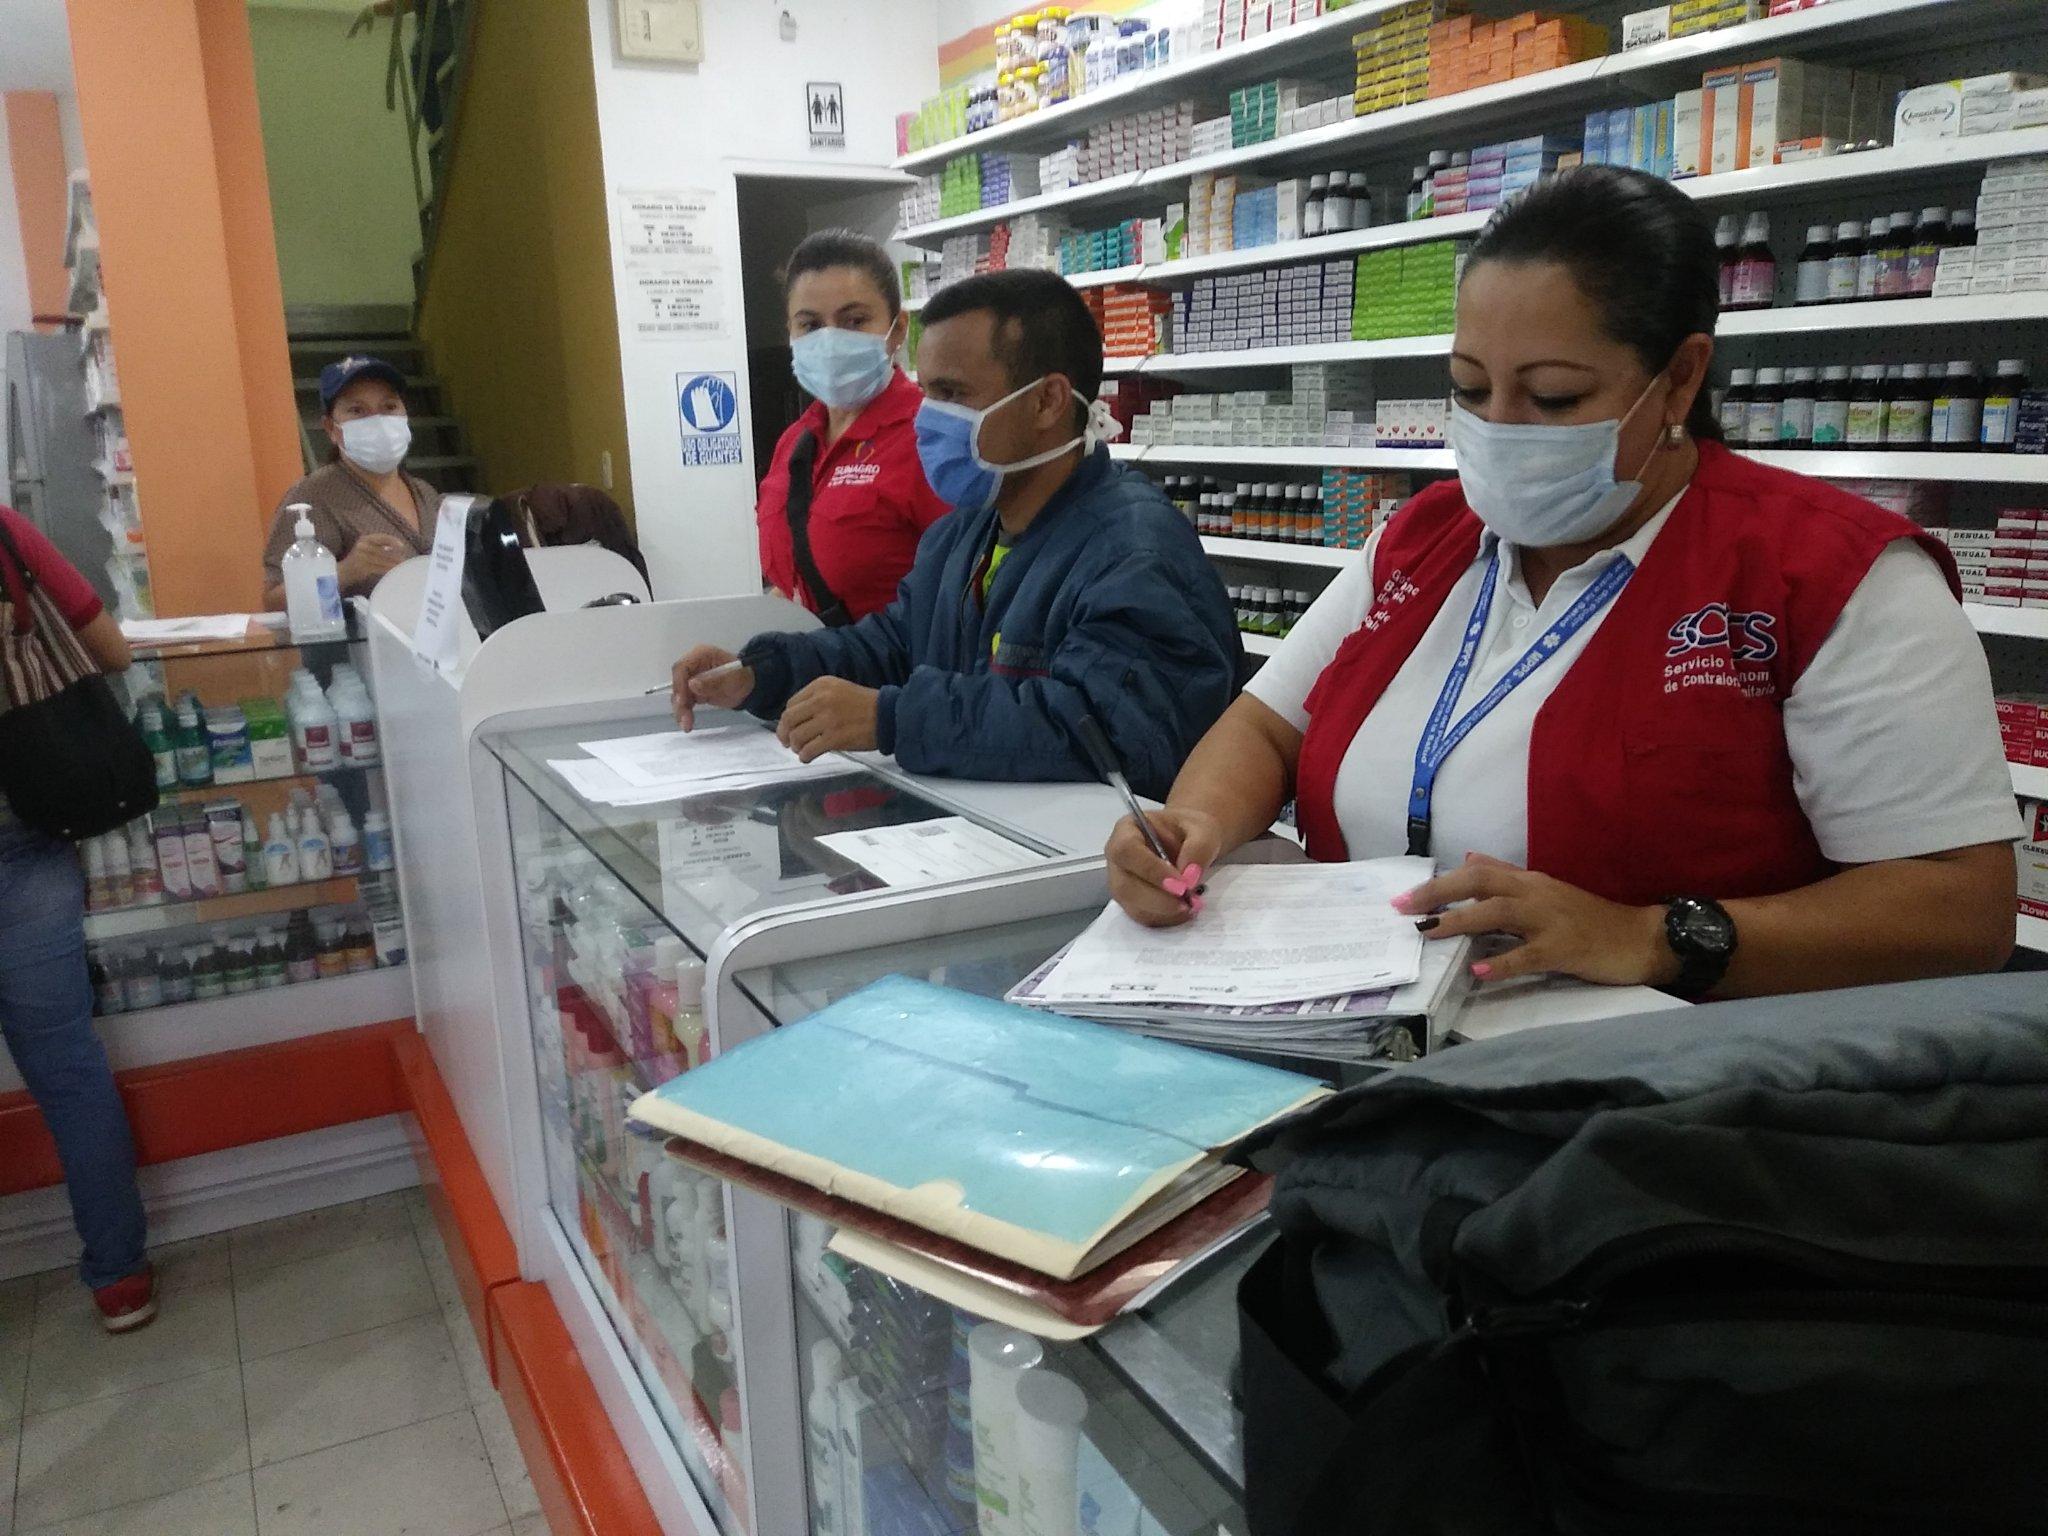 Sundde y Farmatodo acuerdan precios de medicamentos para tratamiento de Covid-19